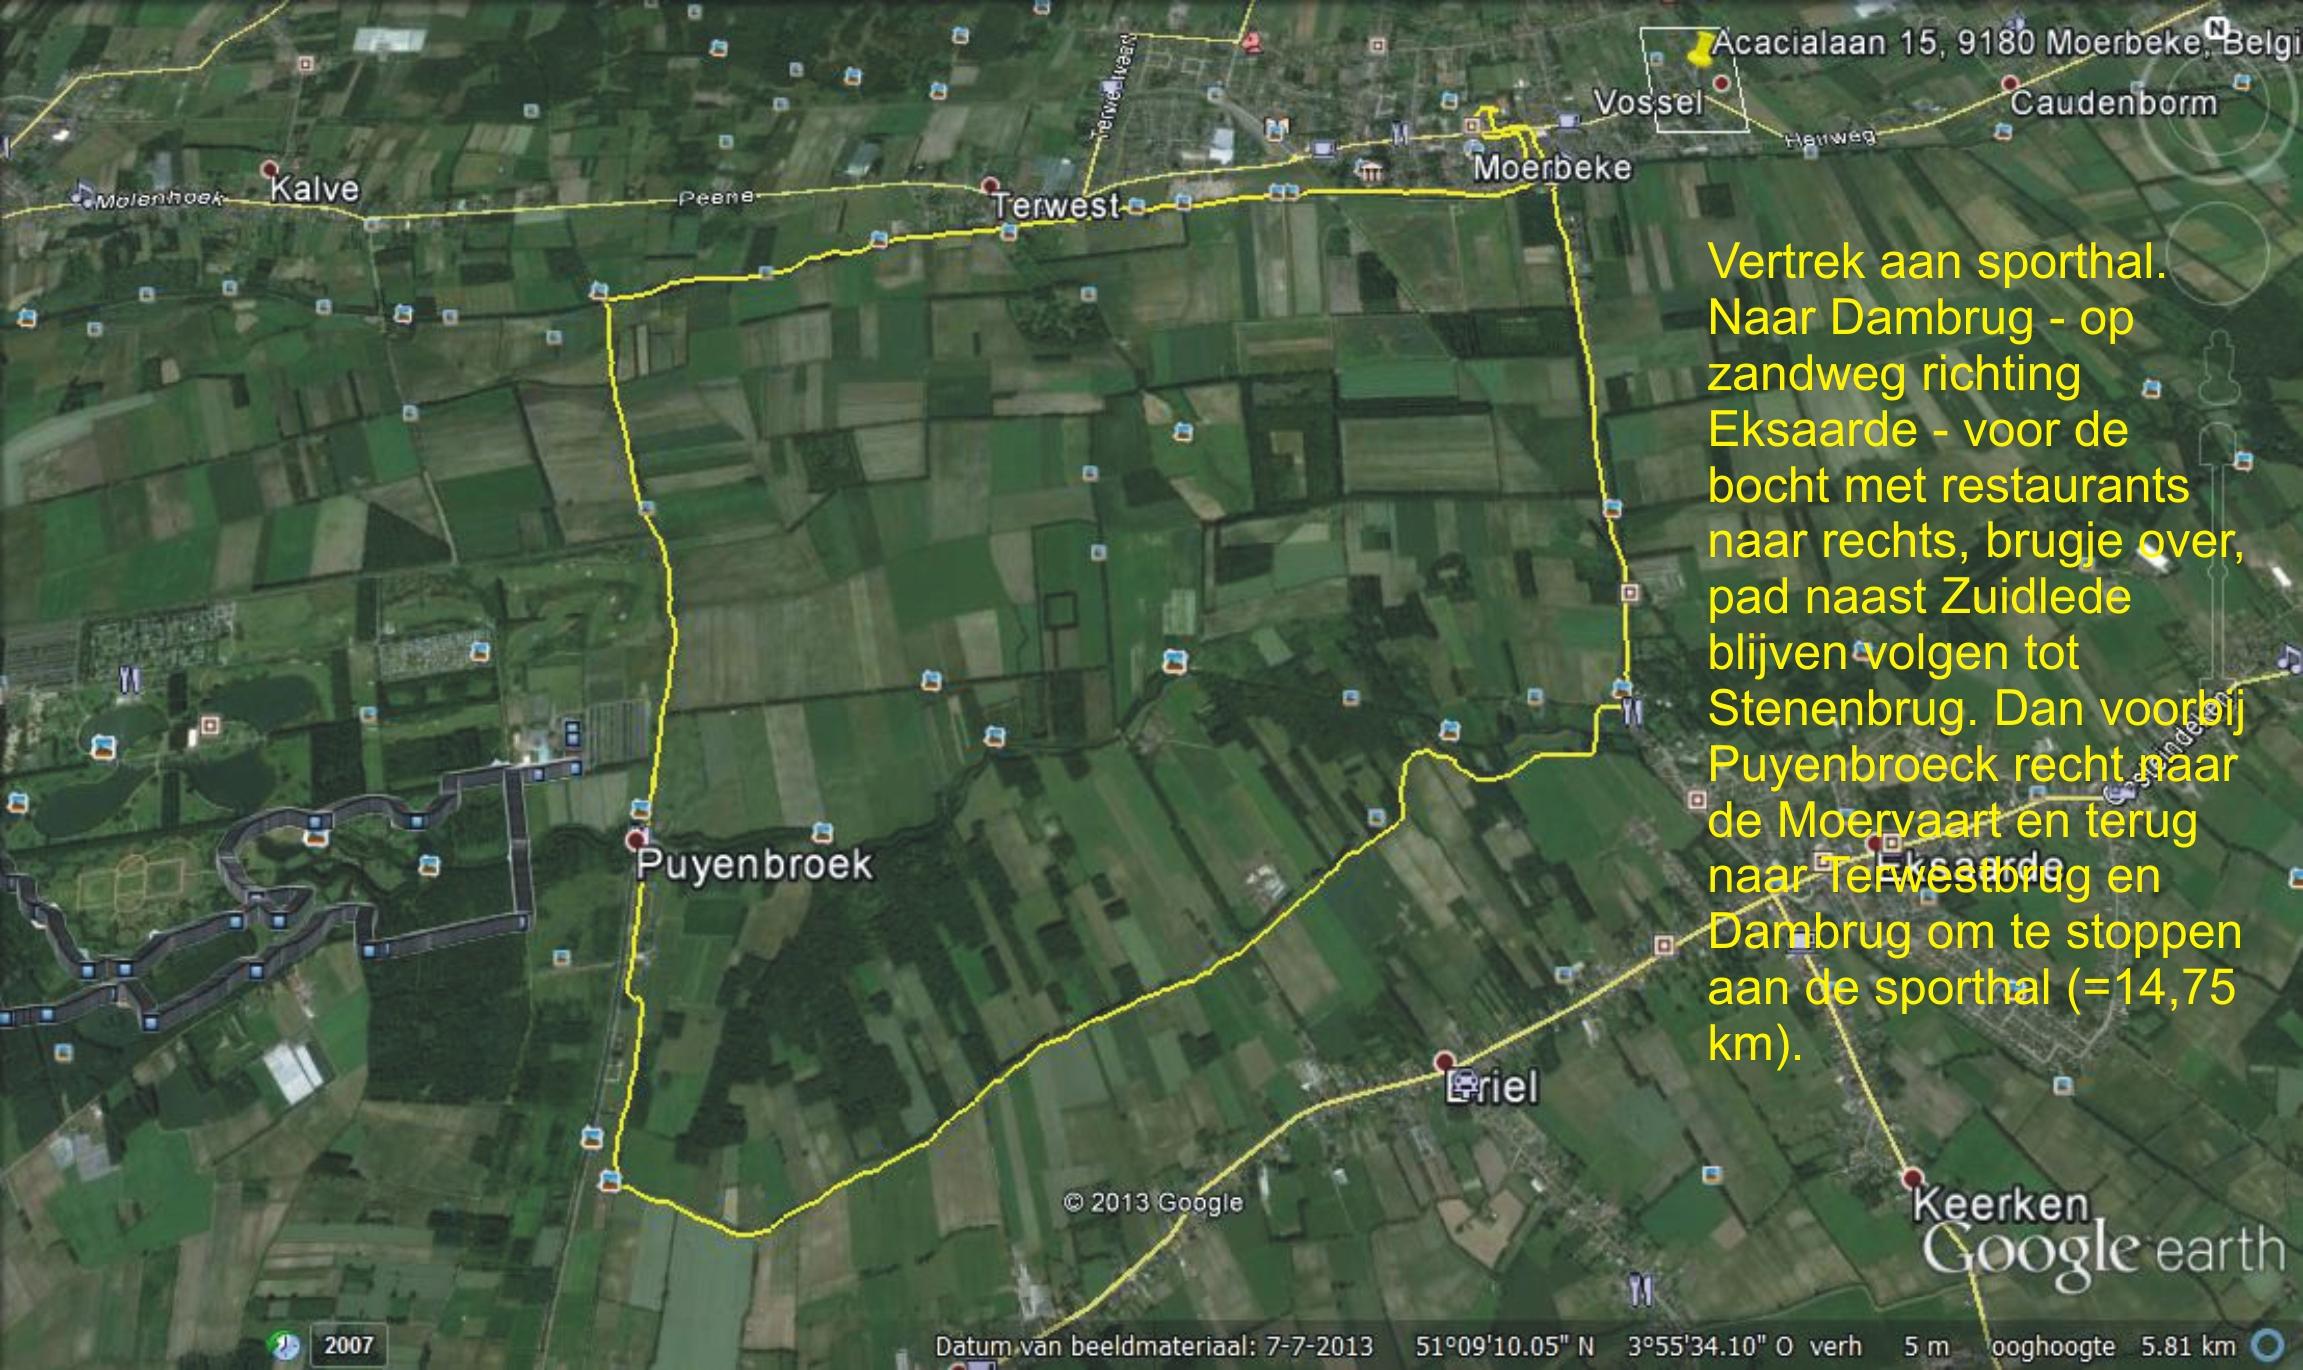 http://joggingclubmoerbeke.be/JCMDIRK/routes/15kmrun.jpg